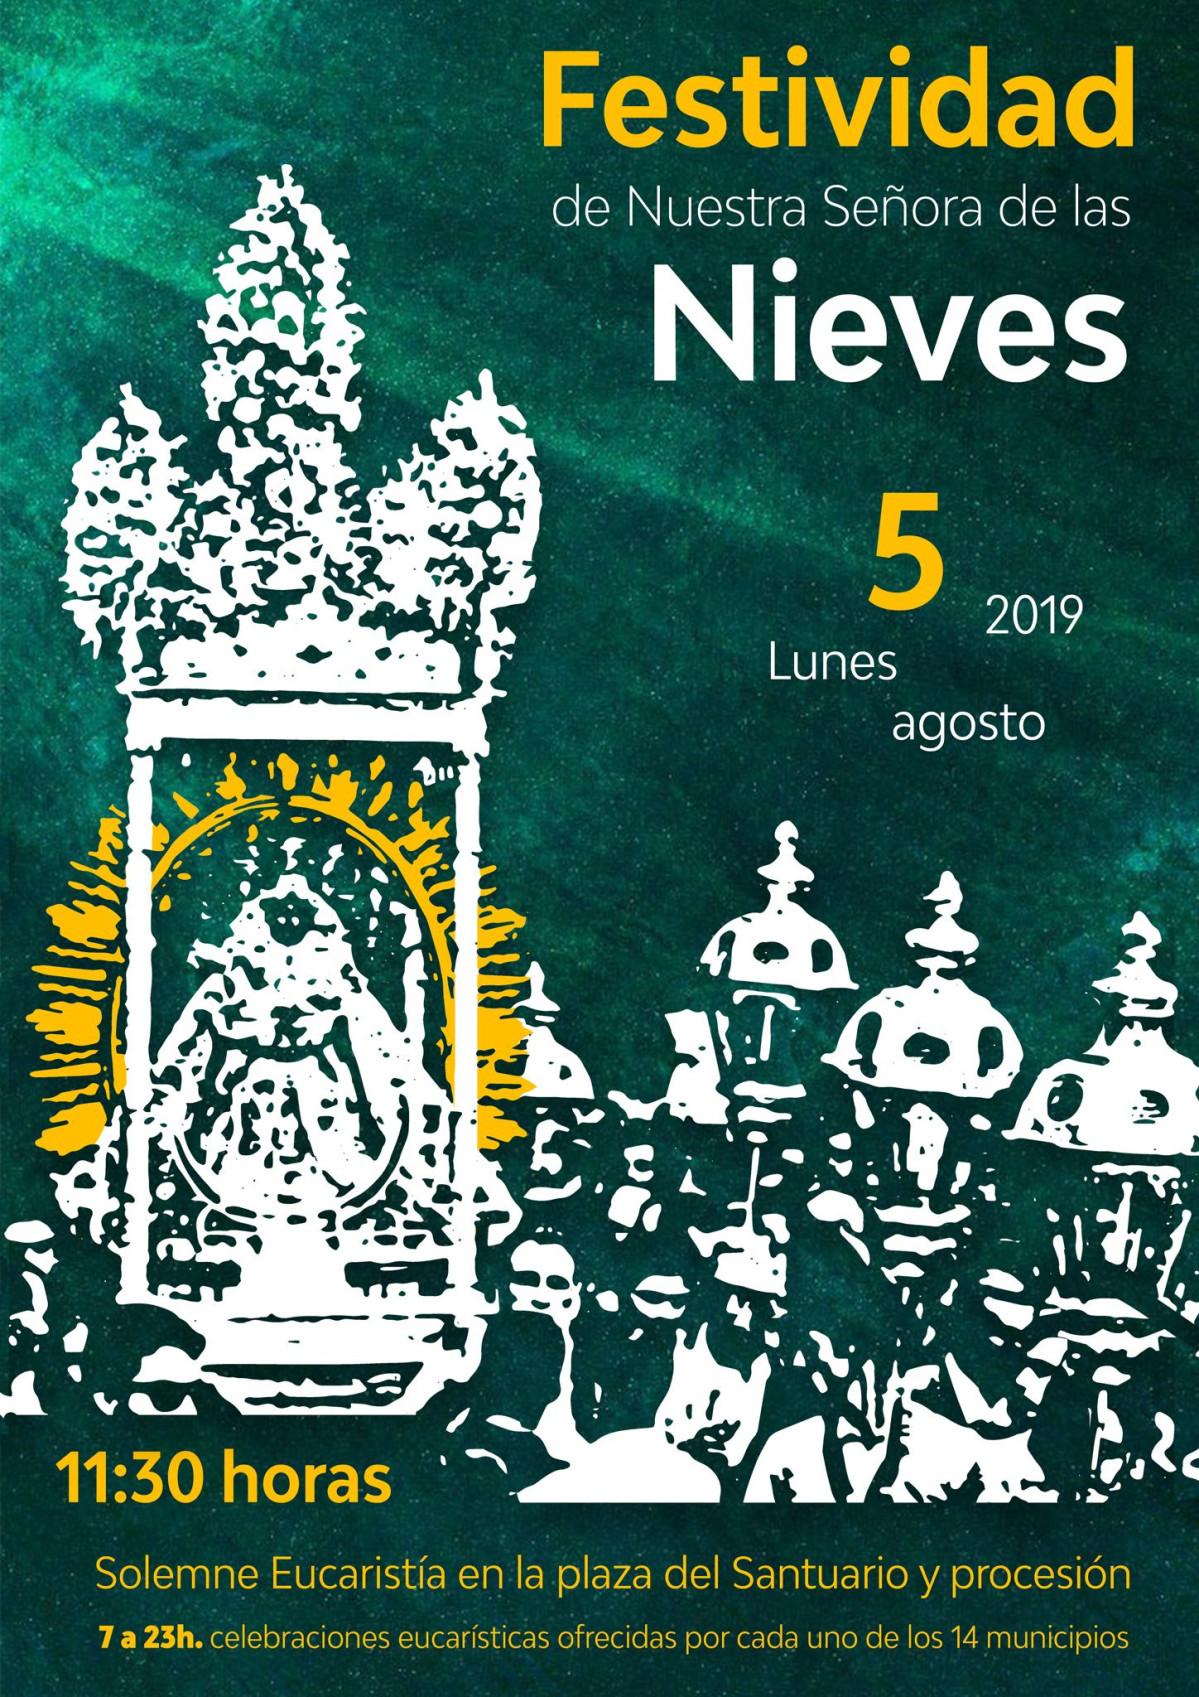 Festividad las Nieves 5 de agosto de 2019